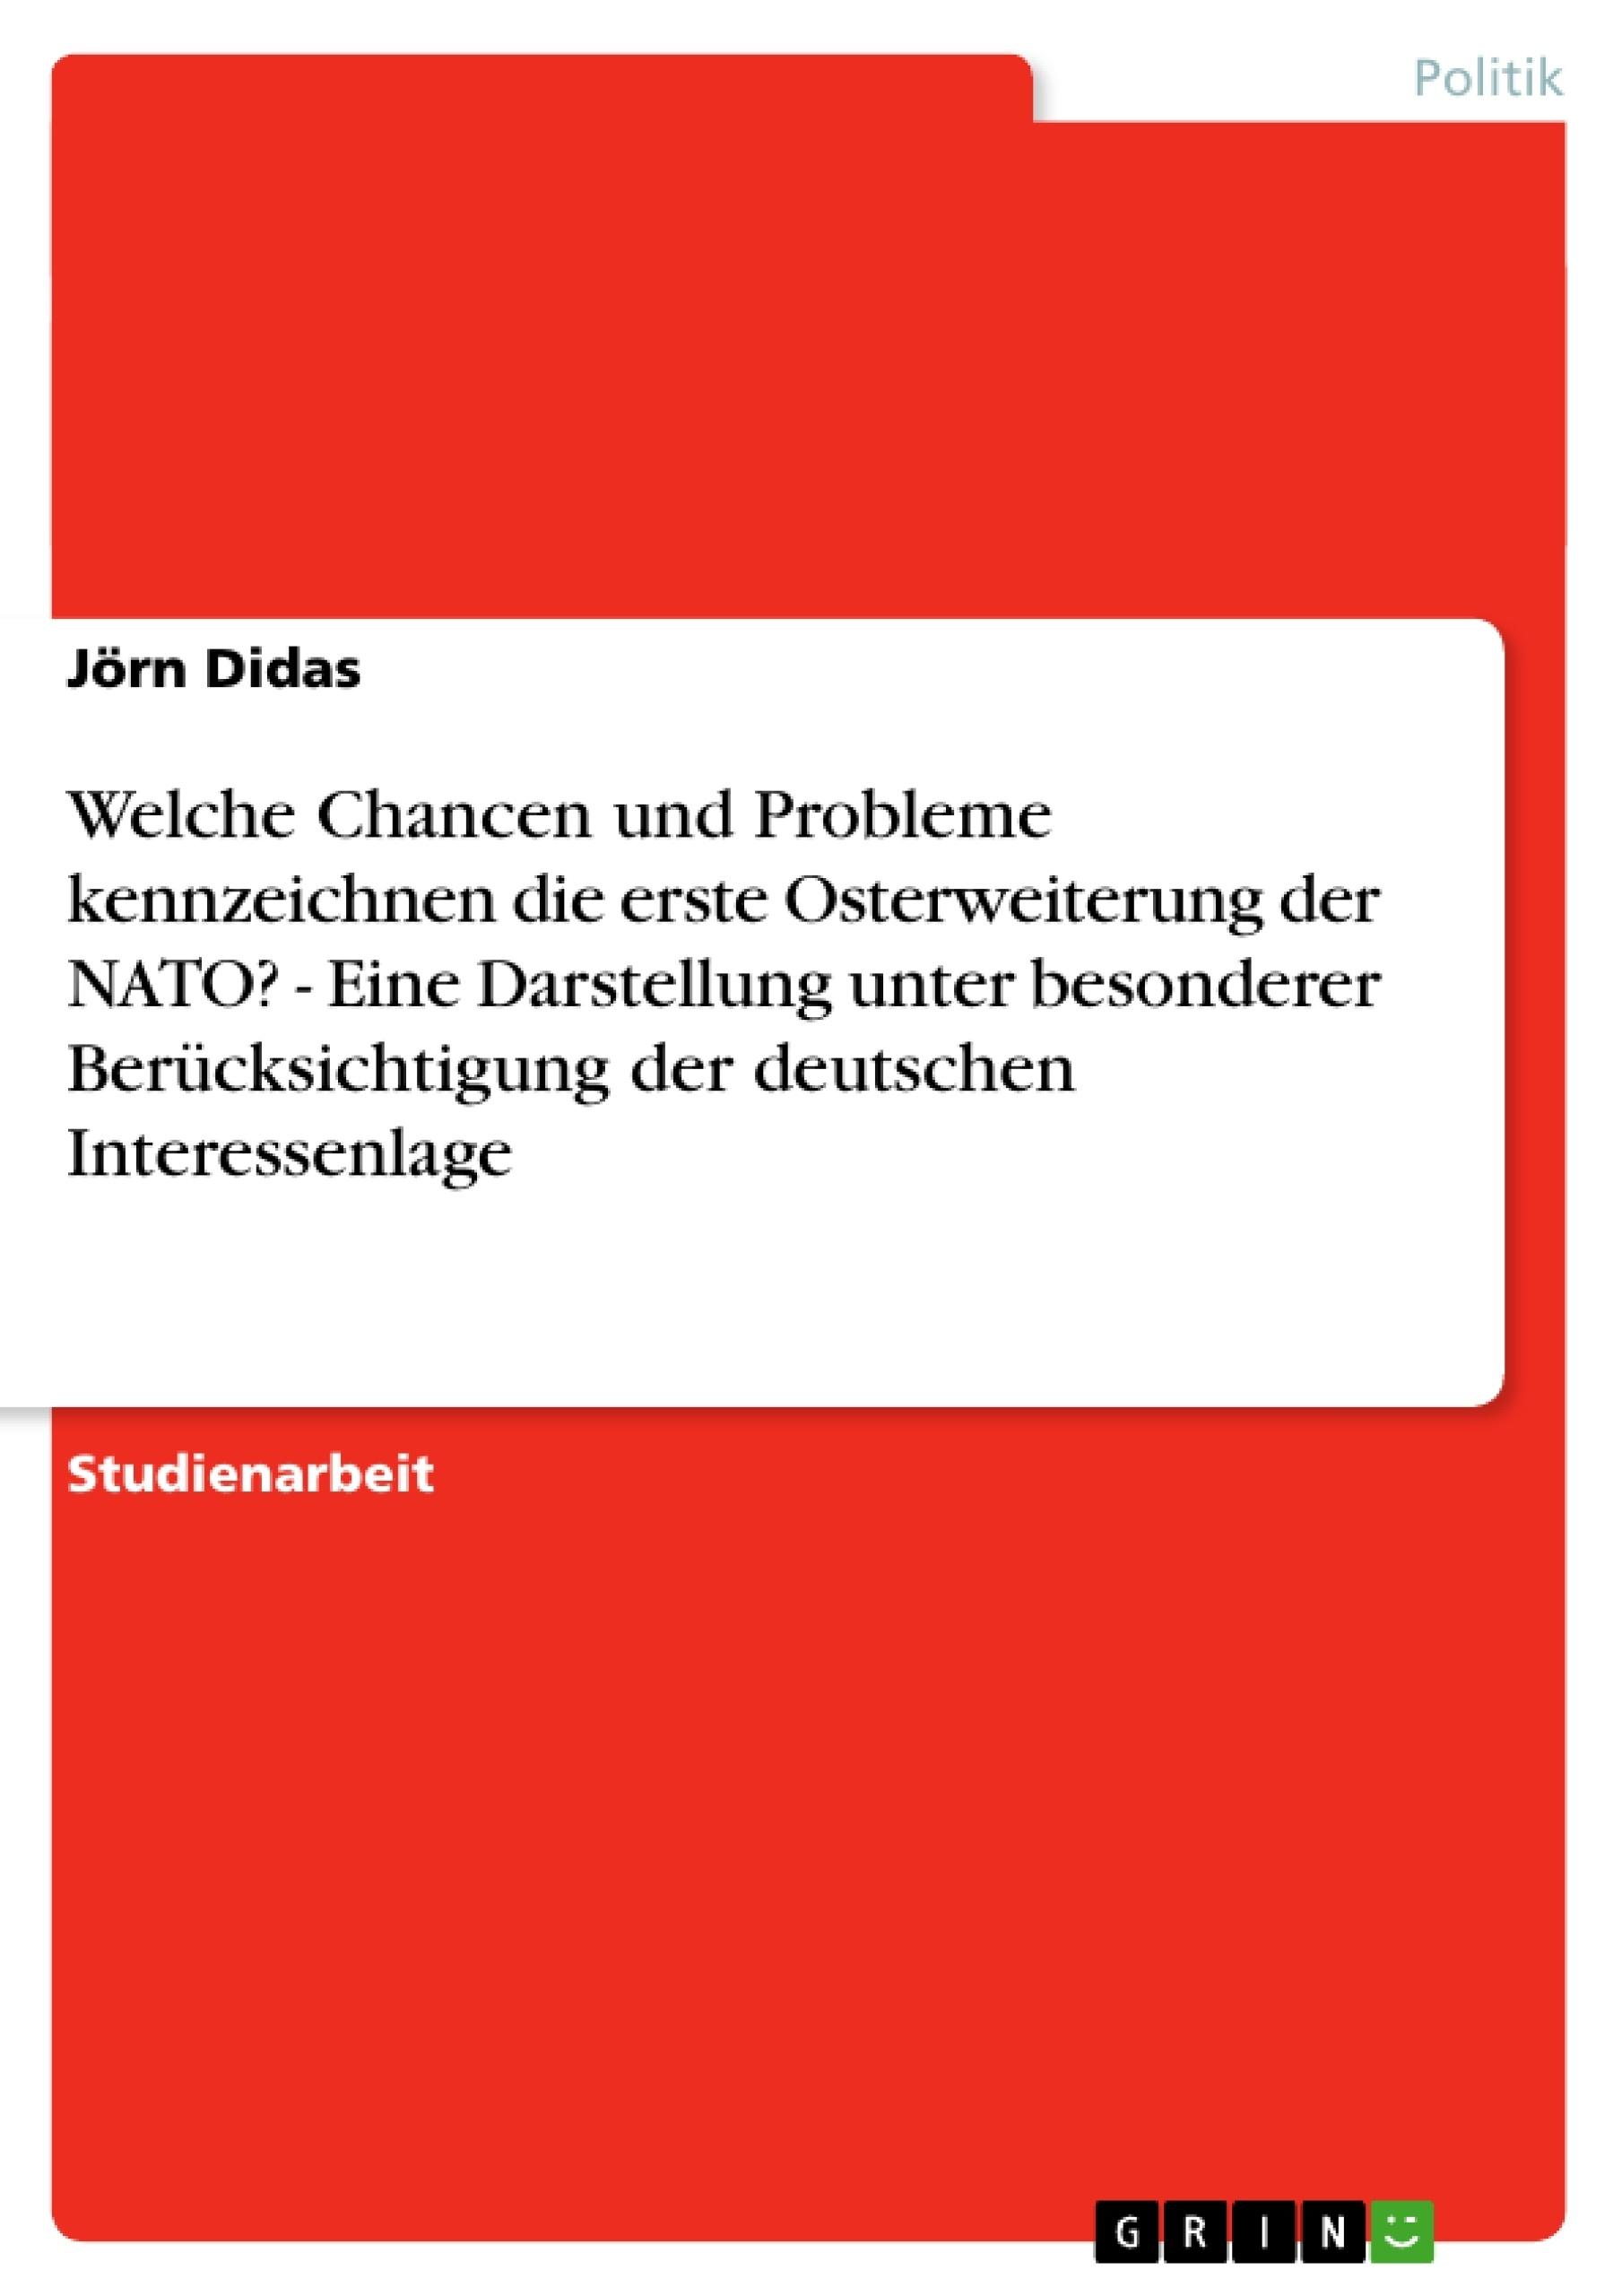 Titel: Welche Chancen und Probleme kennzeichnen die erste Osterweiterung der NATO? - Eine Darstellung unter besonderer Berücksichtigung der deutschen Interessenlage